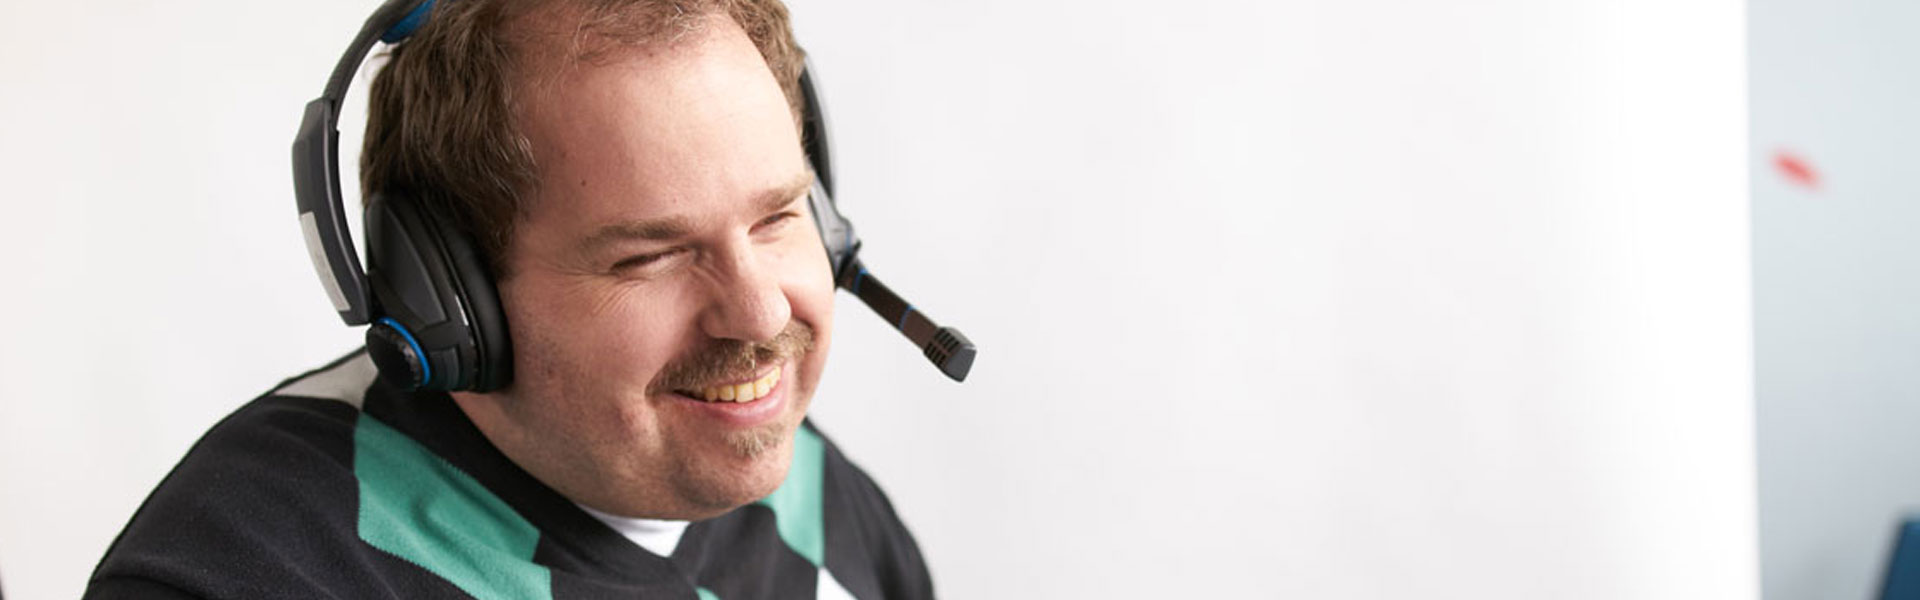 Sehbehinderter Mann hat lächelnd ein Headset auf